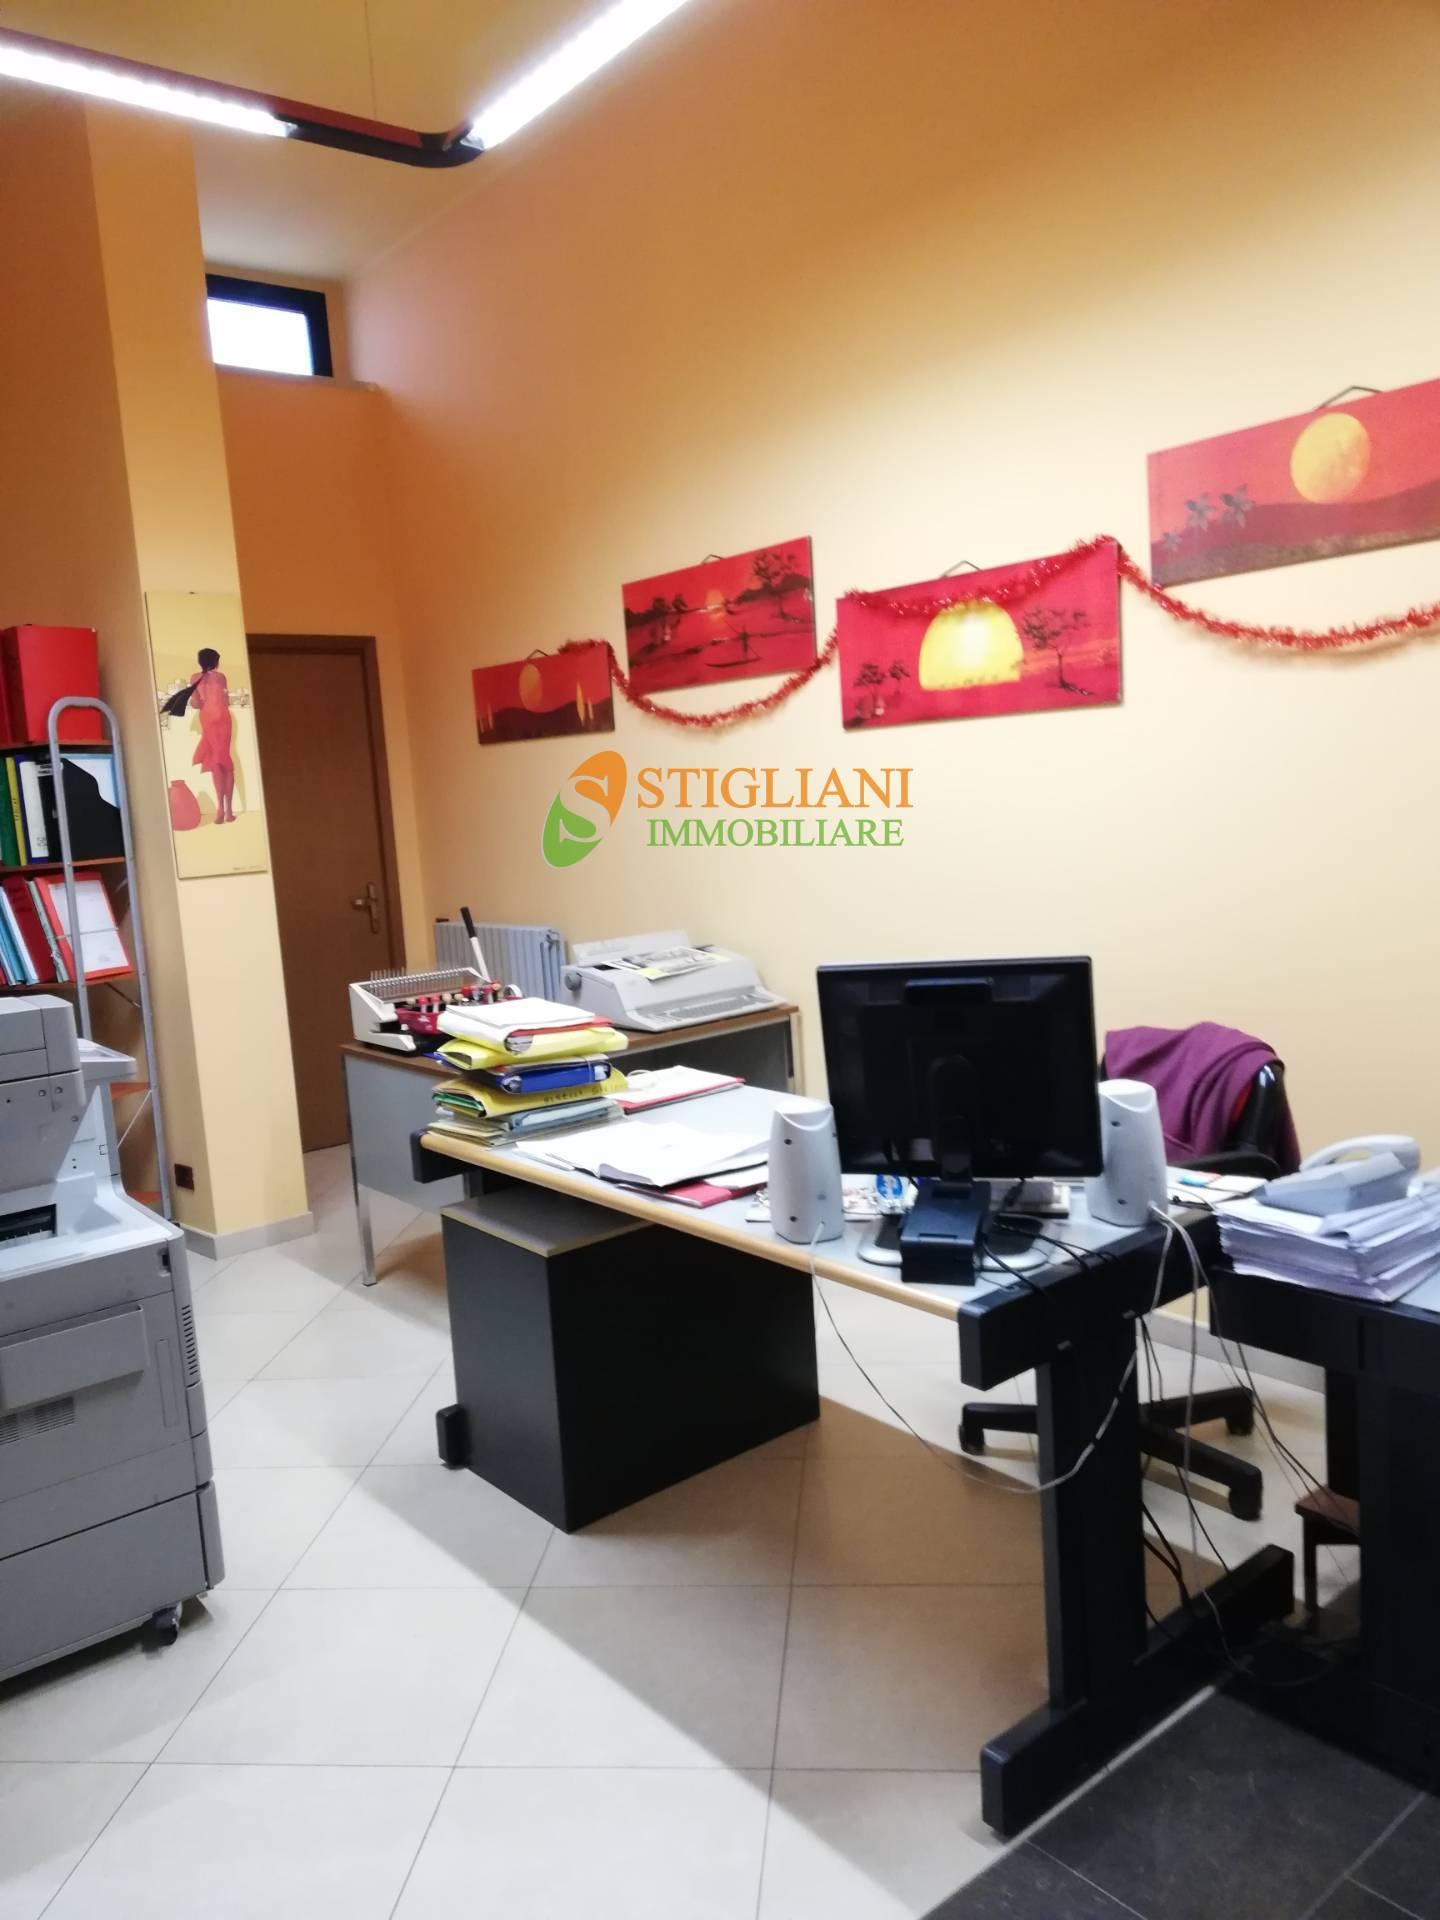 Ufficio / Studio in vendita a Campobasso, 9999 locali, zona Località: ViaBerlinguer, prezzo € 99.000 | CambioCasa.it